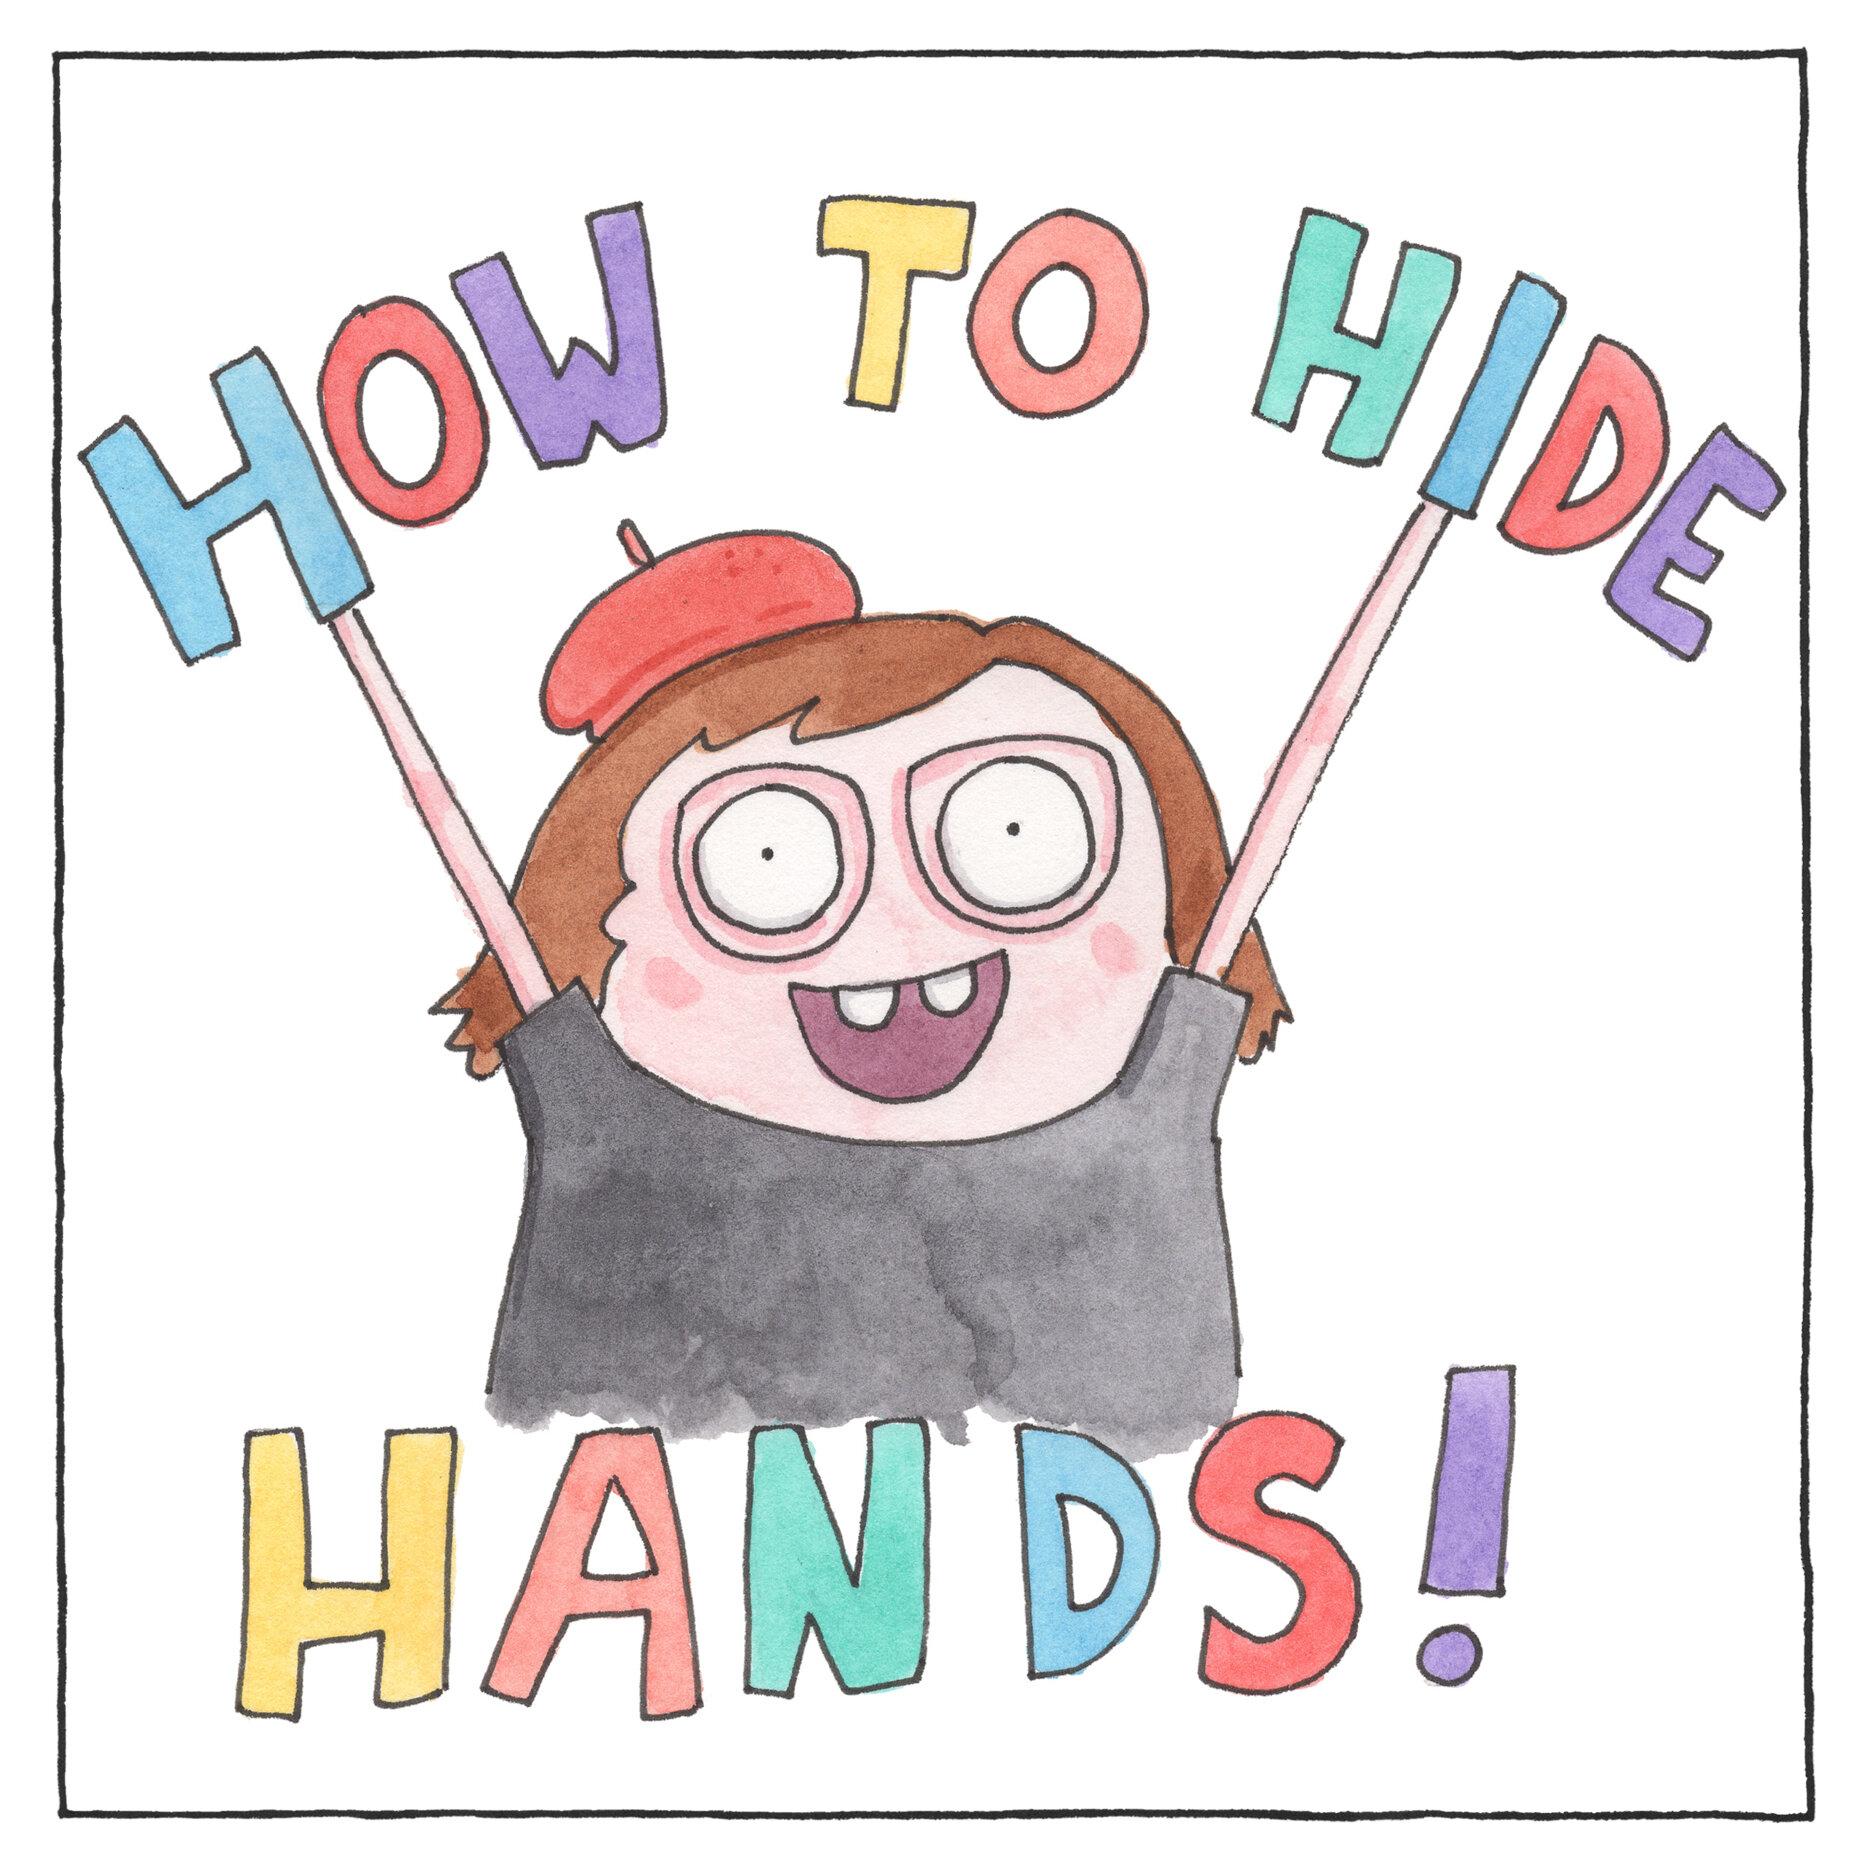 Hiding Hands SQ 2.jpg